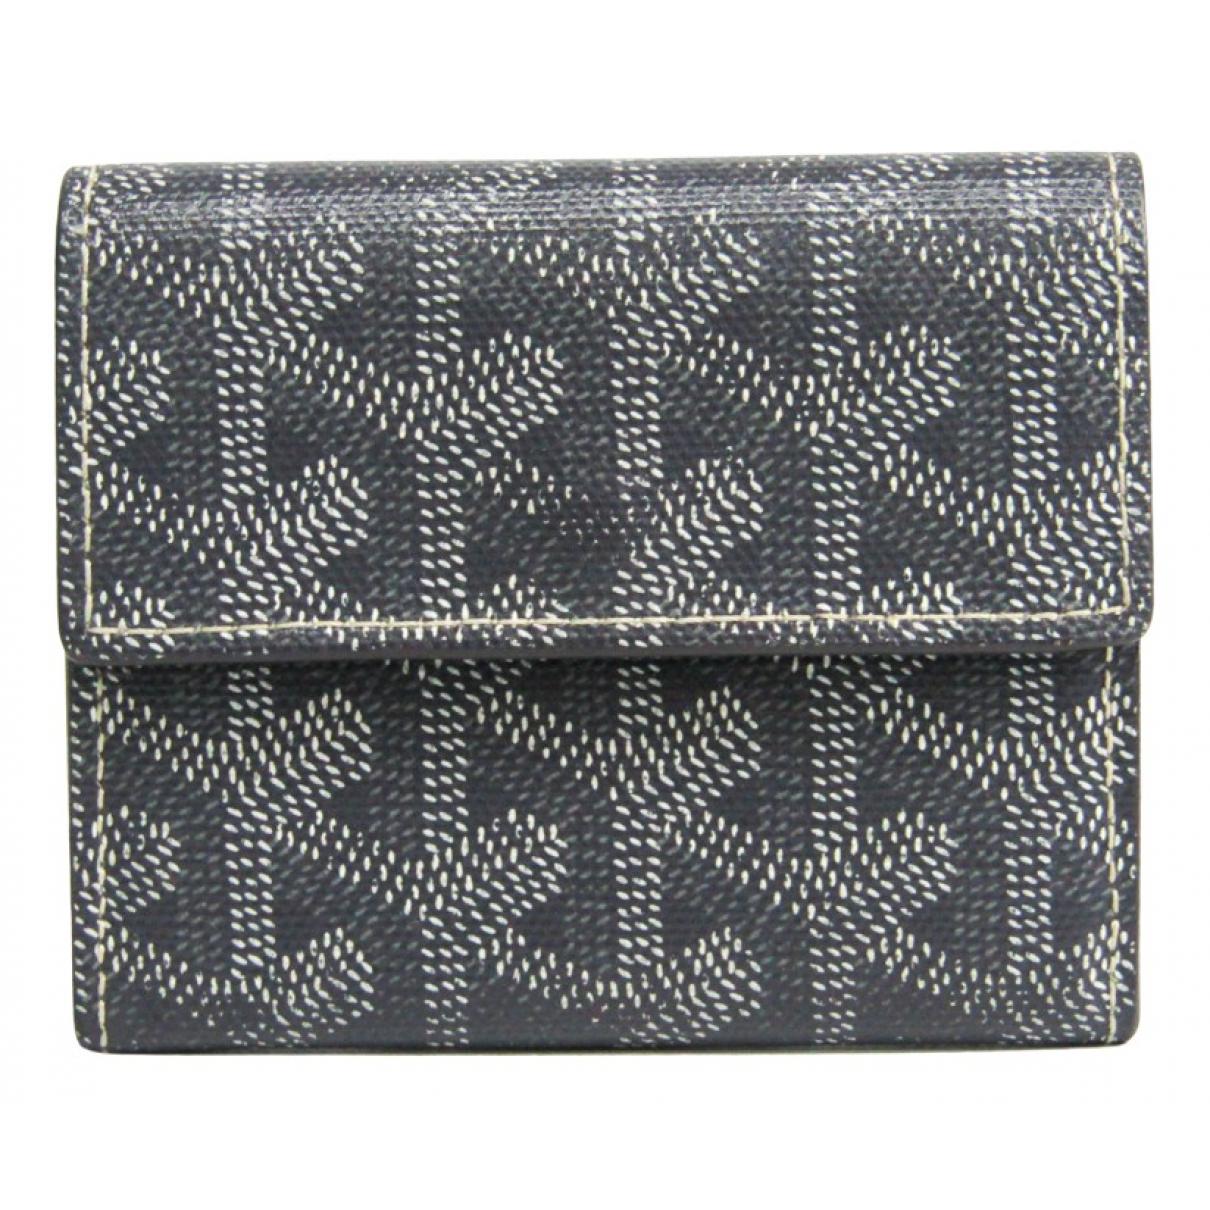 Goyard - Portefeuille   pour femme en toile - gris